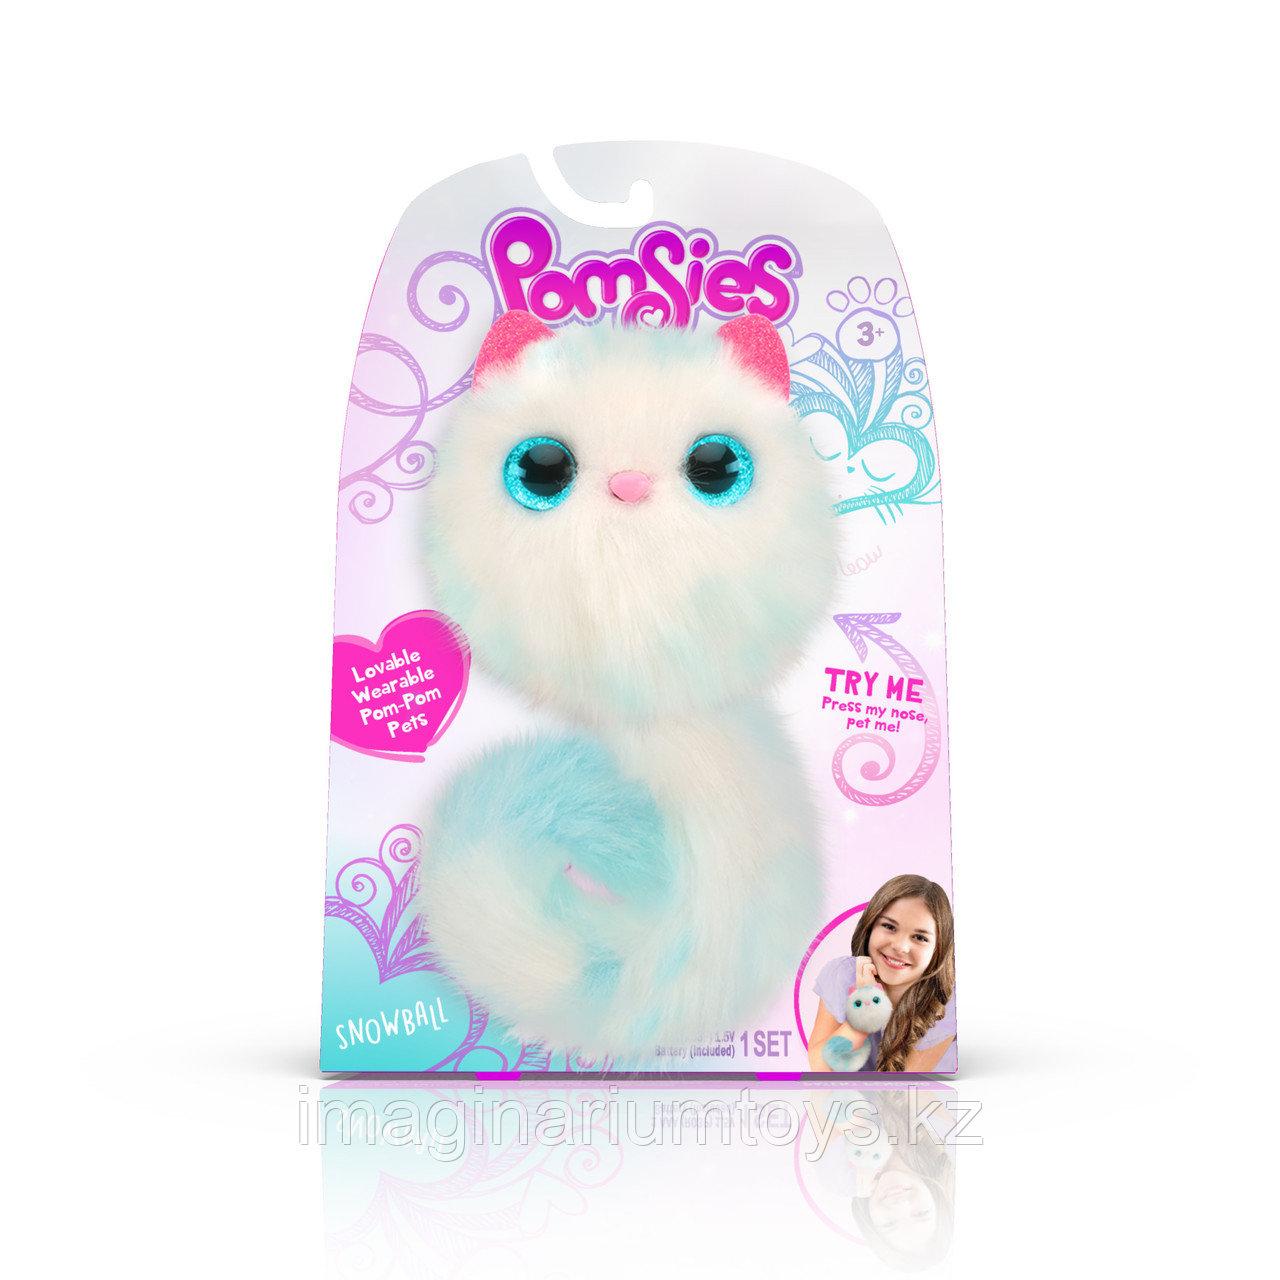 Помси интерактивная игрушка Pomsies оригинал Skyrocket